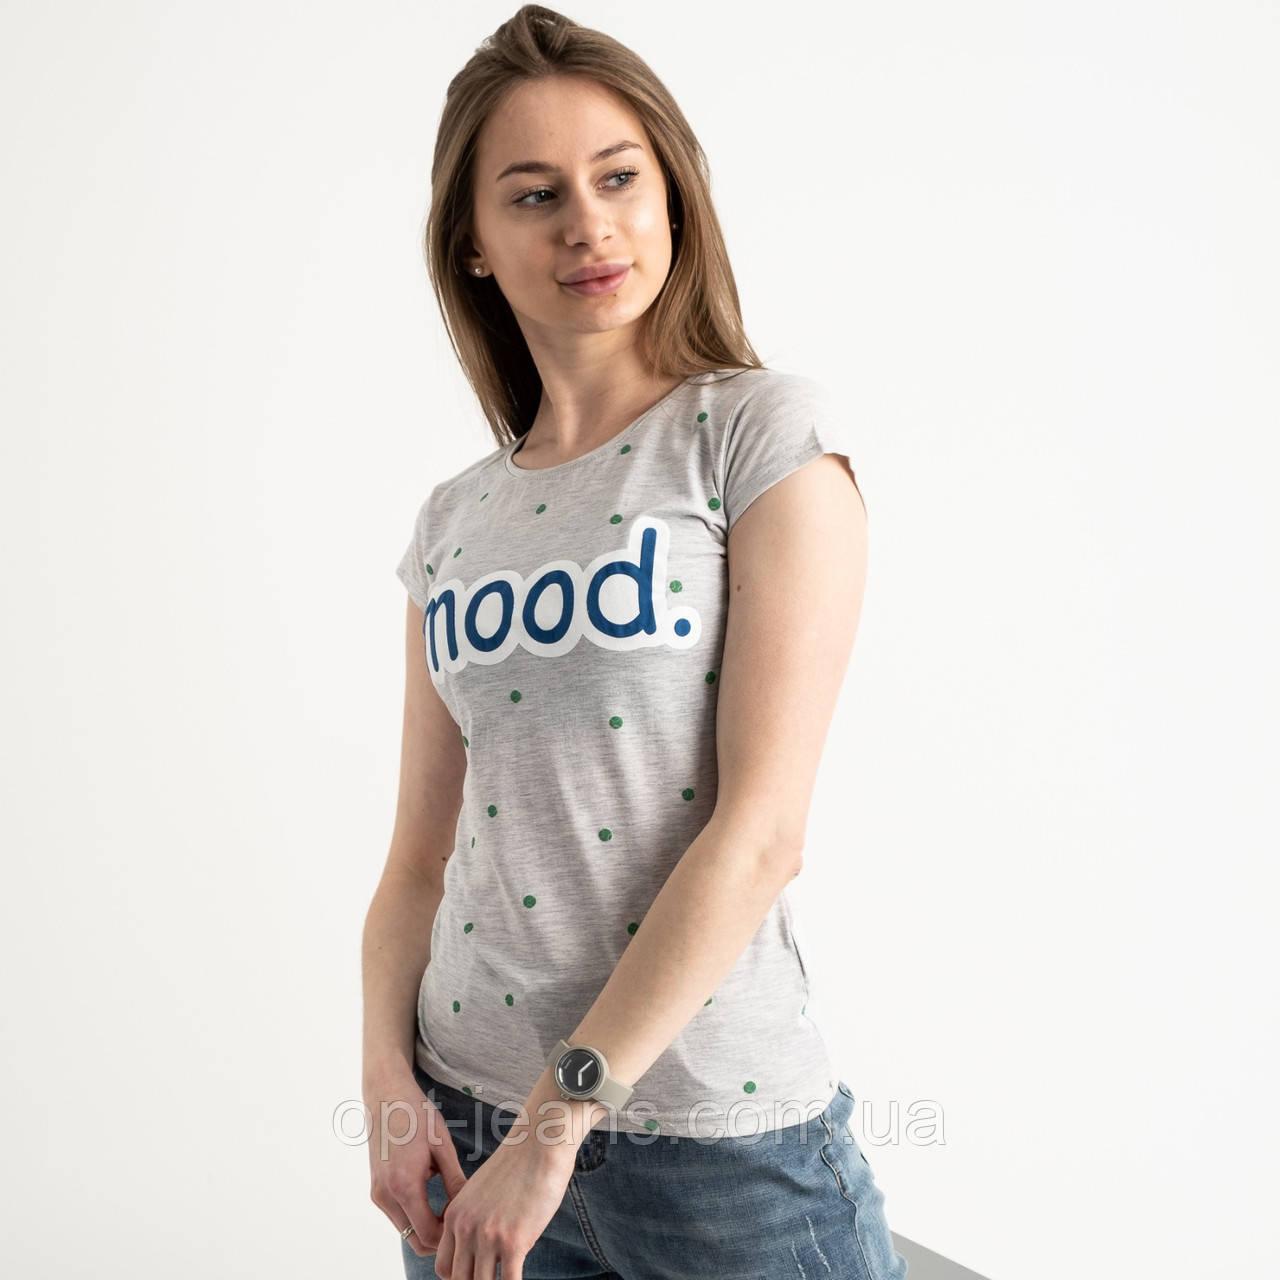 2588-5 Geso серая футболка женская с принтом (4 ед. размеры: S.M.L.XL)